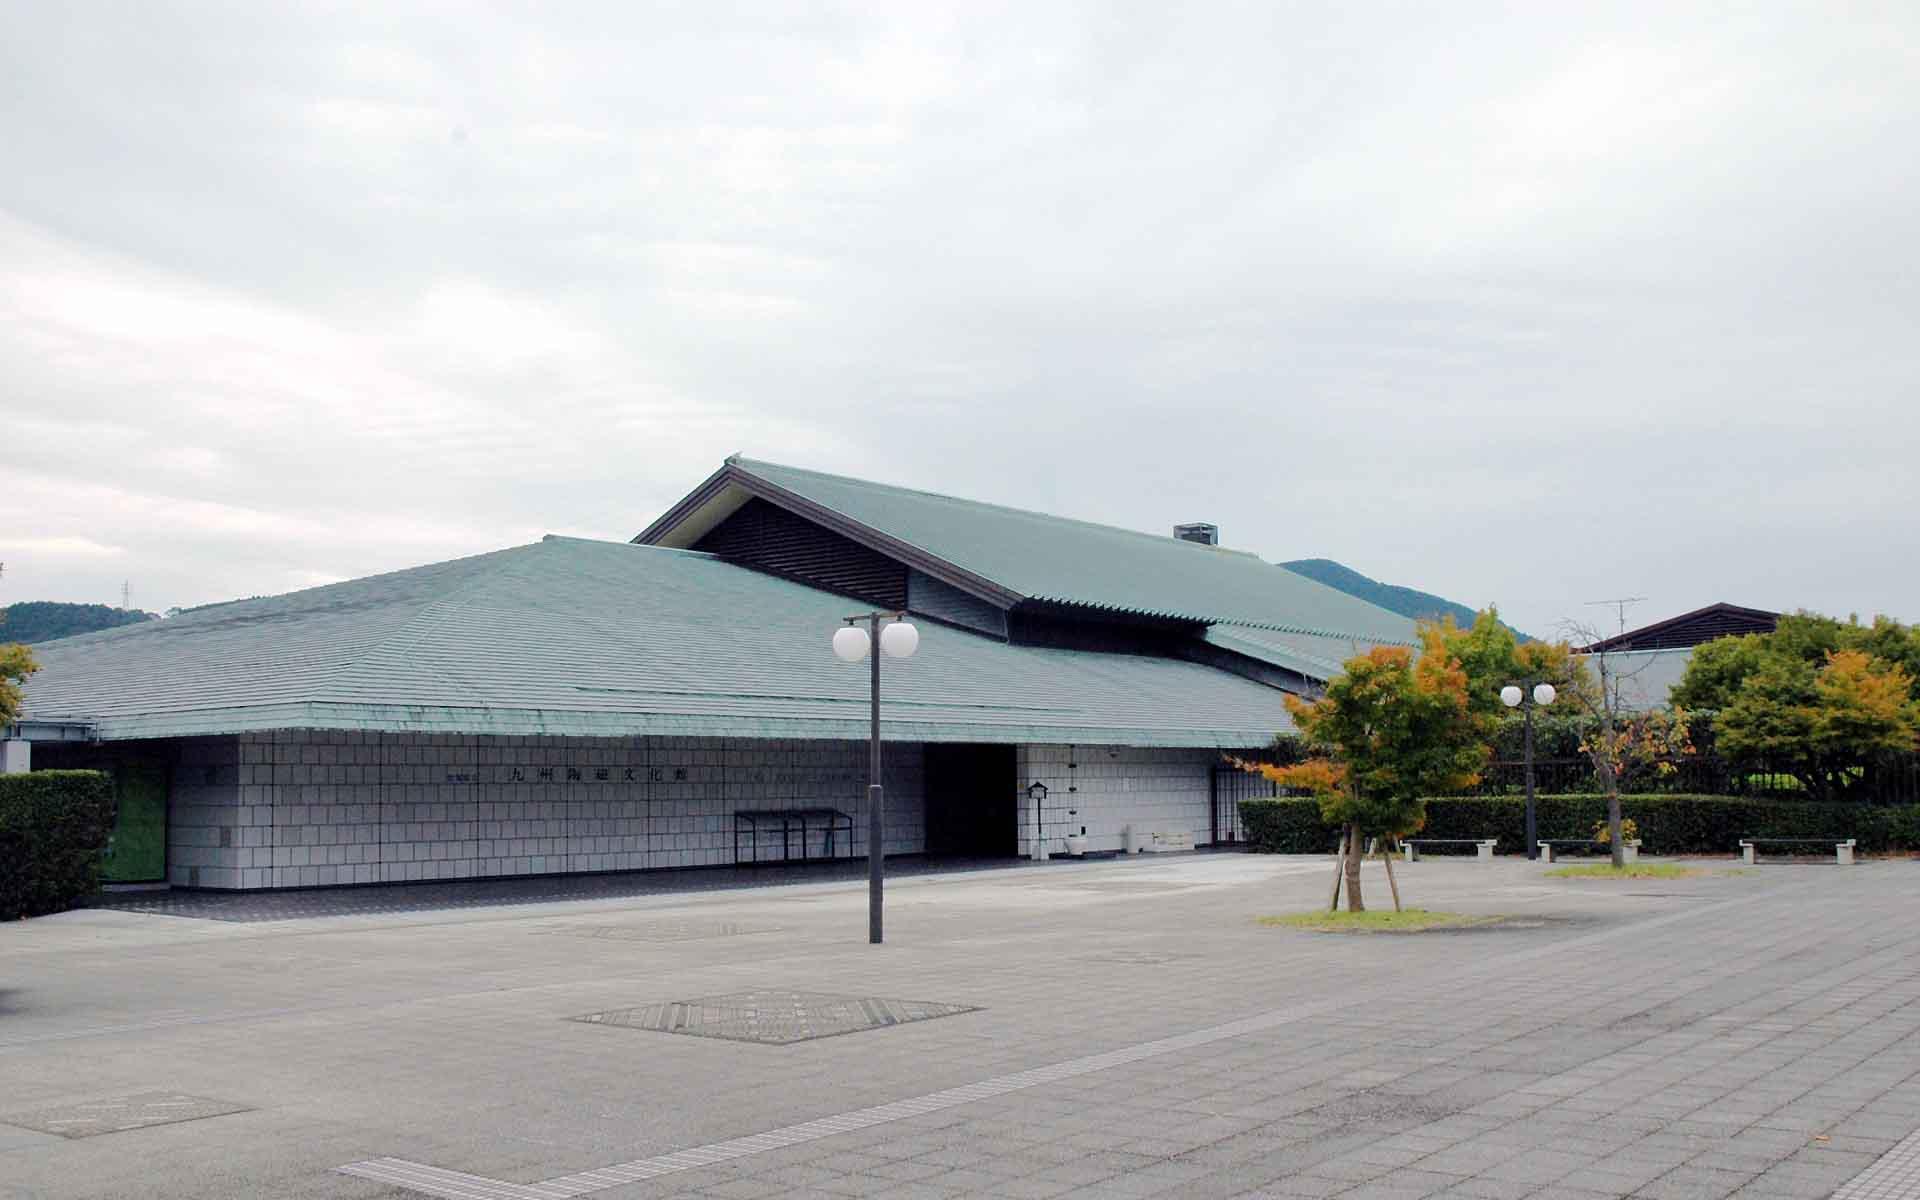 佐賀県立九州陶磁文化館 外観